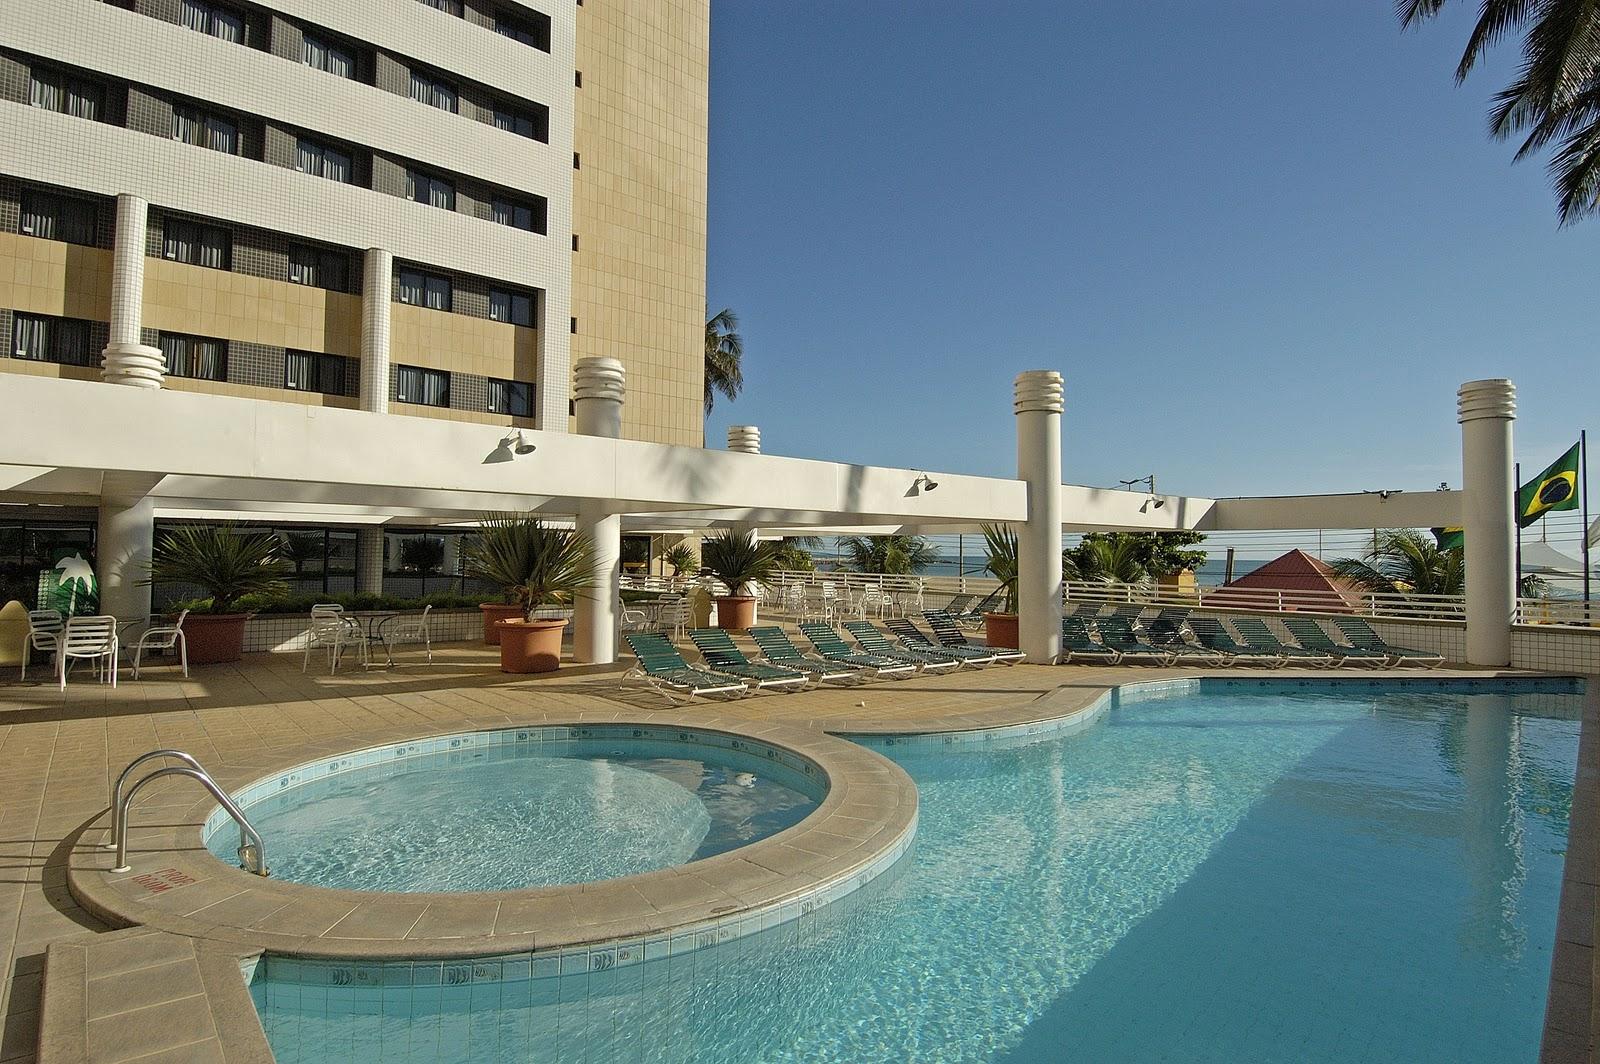 VIAJANTE ESPECIAL: Hotel Holiday Inn  Fortaleza CE #457085 1600x1064 Banheiro Adaptado Com Chuveiro